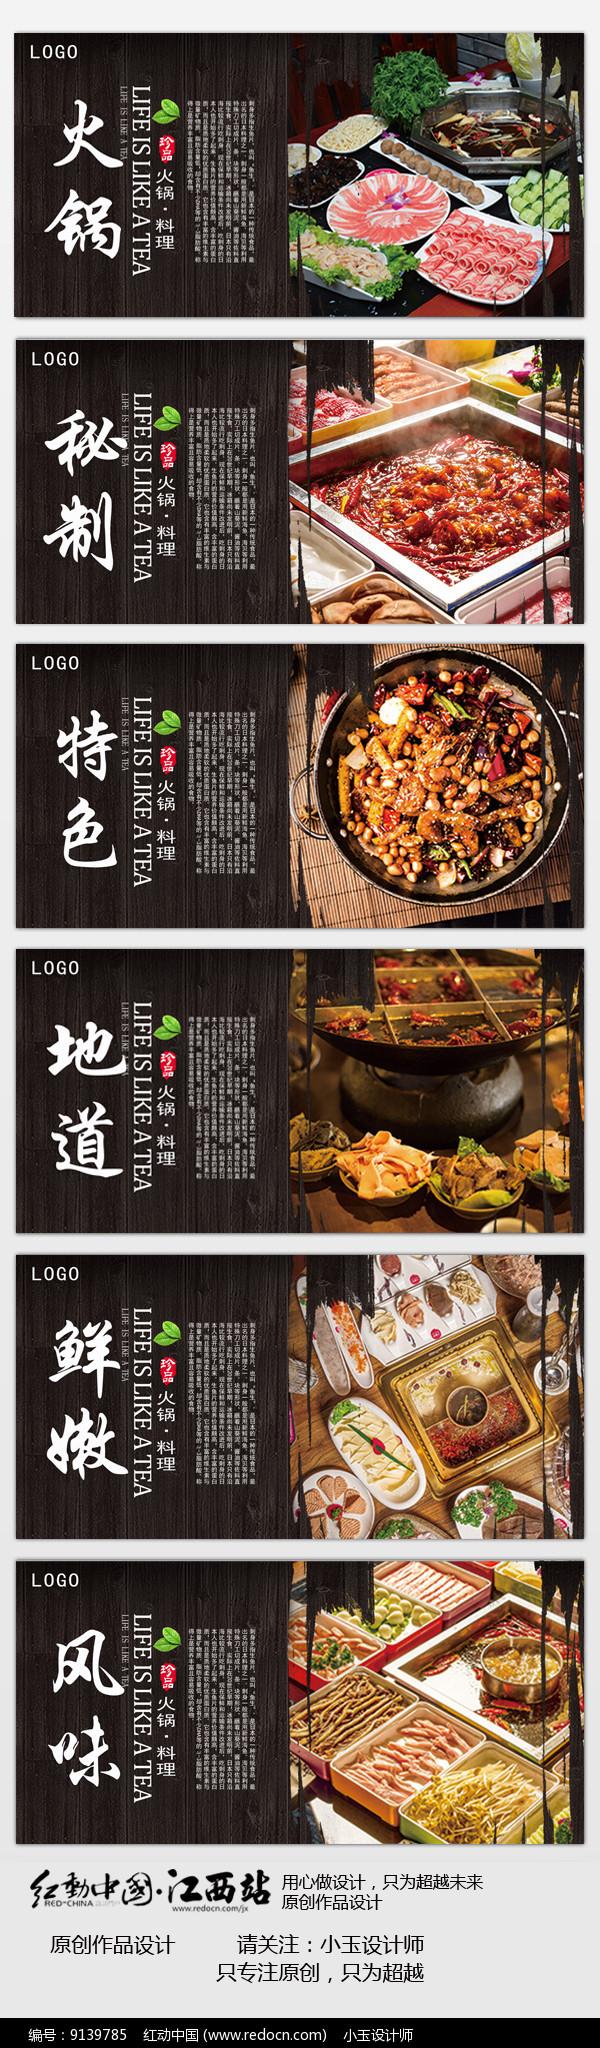 火锅料理展板设计图片